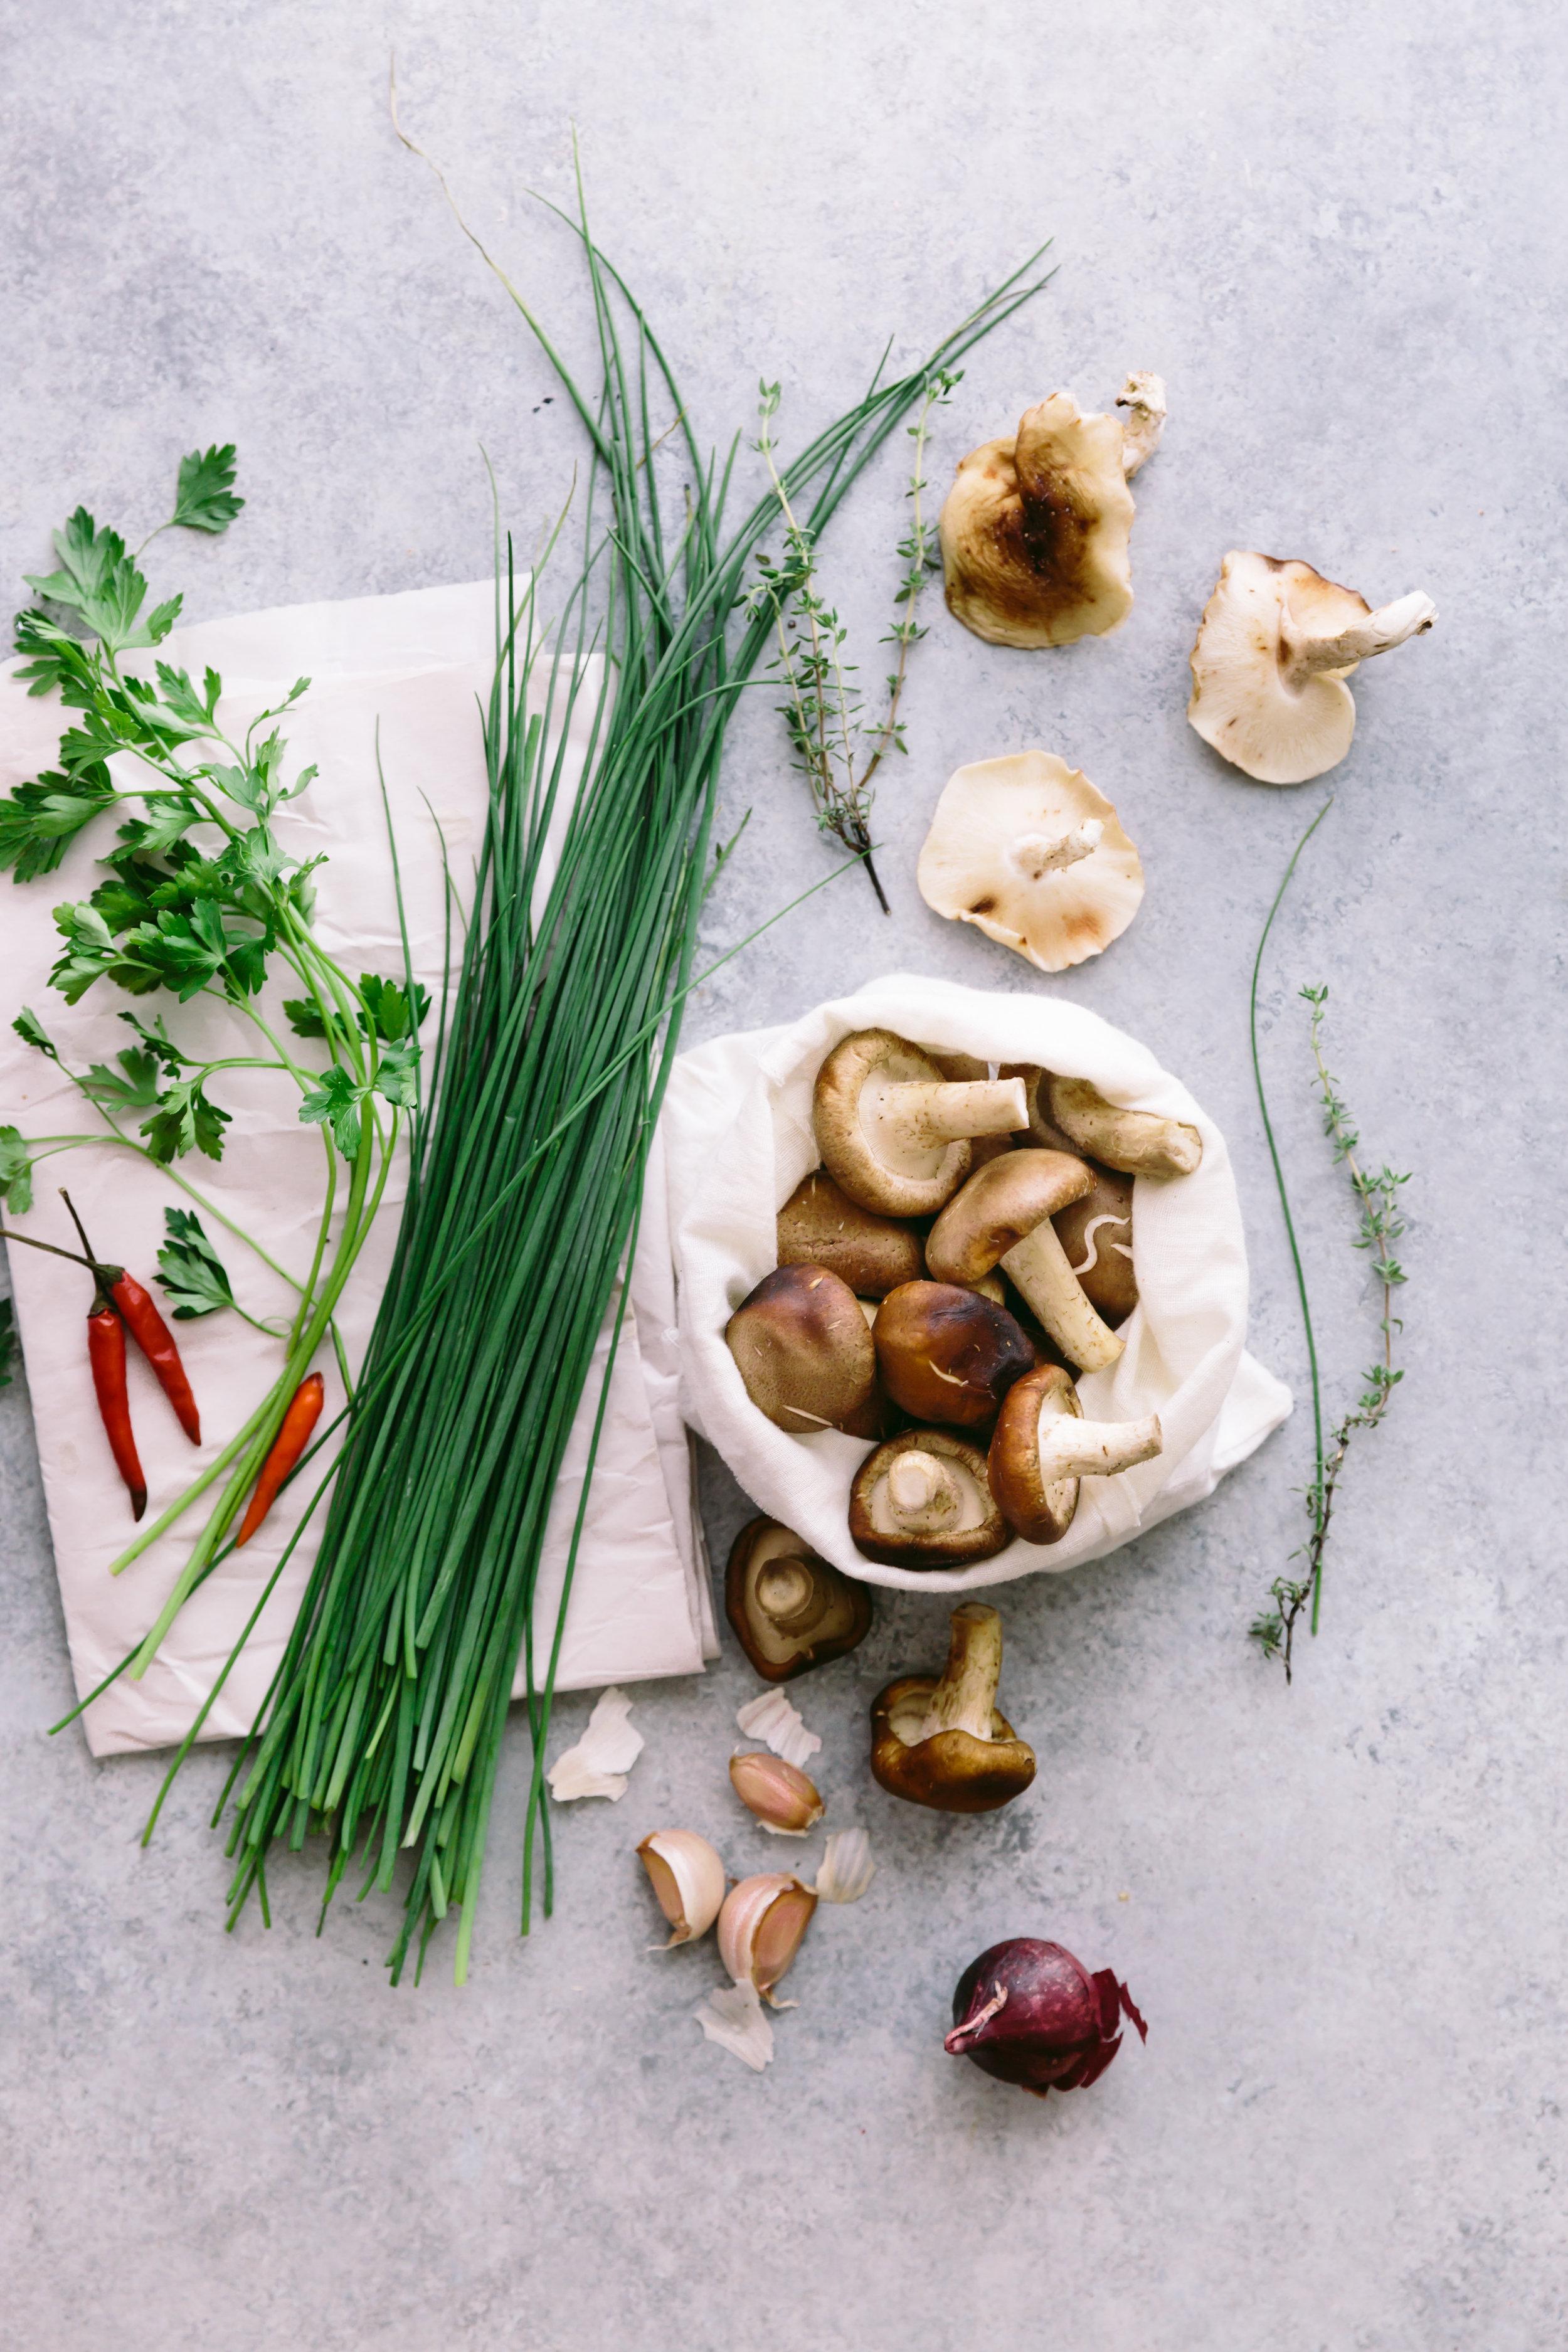 mushrooms prepping1.jpg